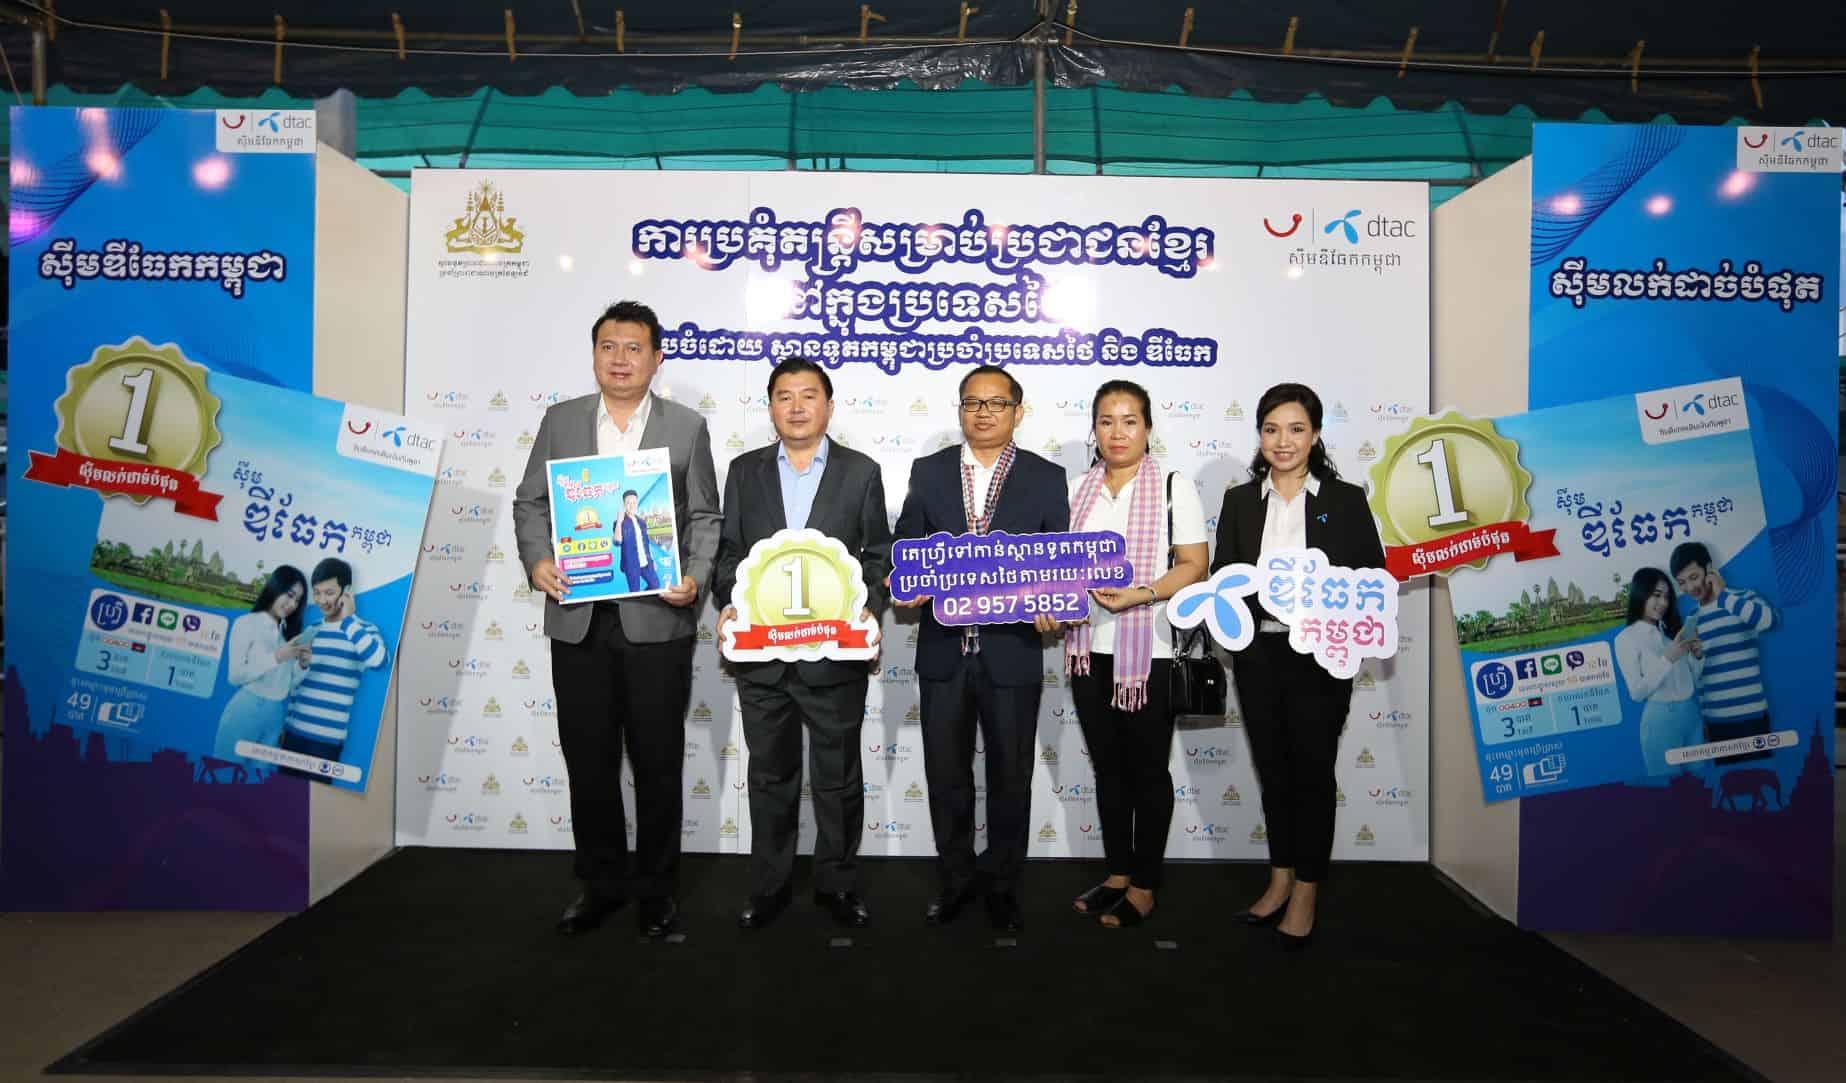 ดีแทคร่วมกับสถานทูตกัมพูชา จัดคอนเสิร์ตใหญ่ครั้งแรก ให้ชาวกัมพูชาที่ทำงานในประเทศไทย